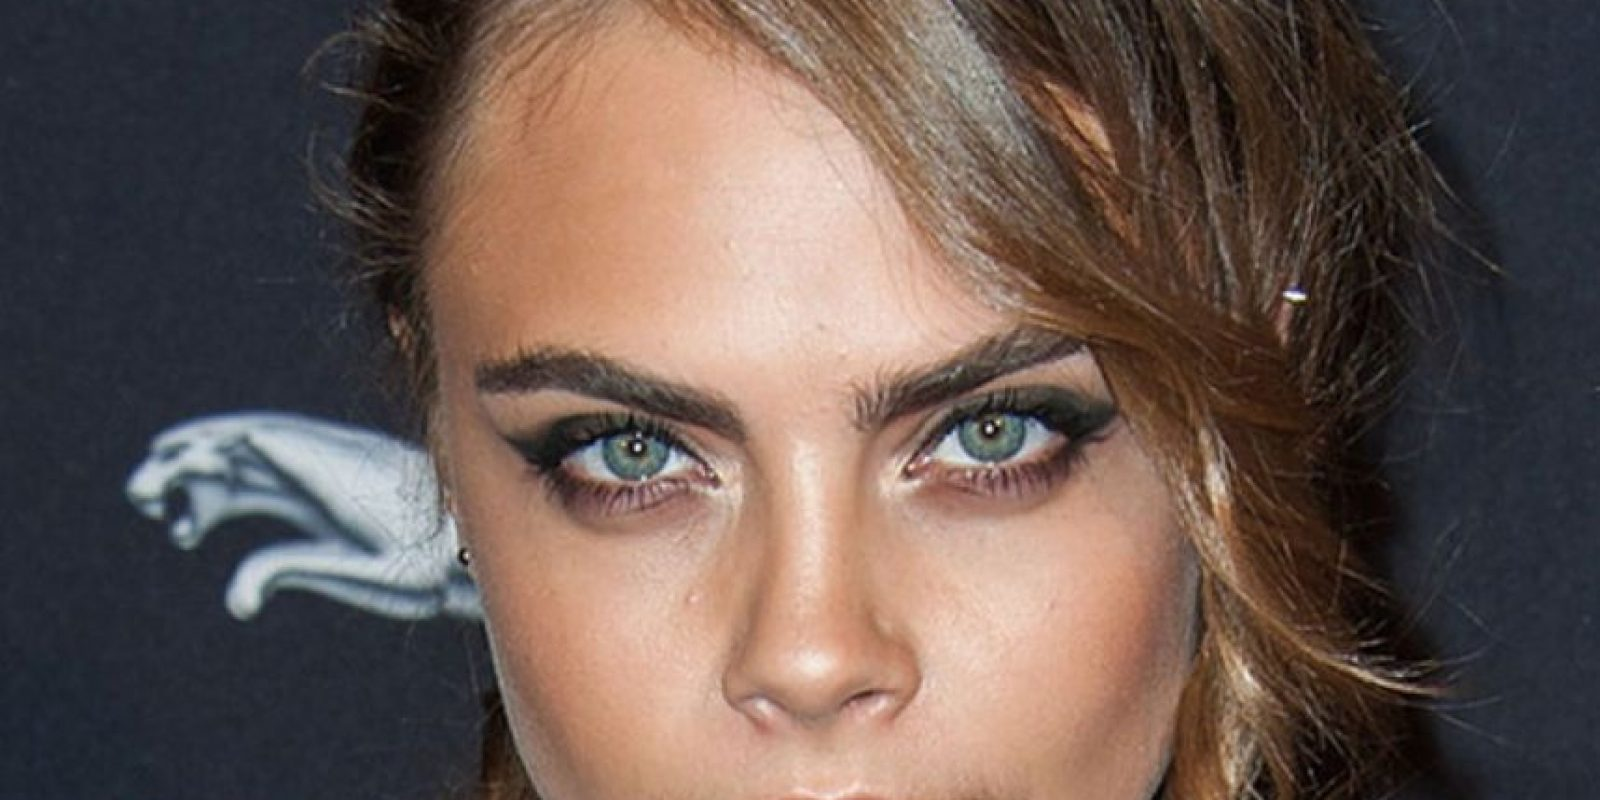 Esa mirada y esos ojos azules. Foto:vía Getty Images